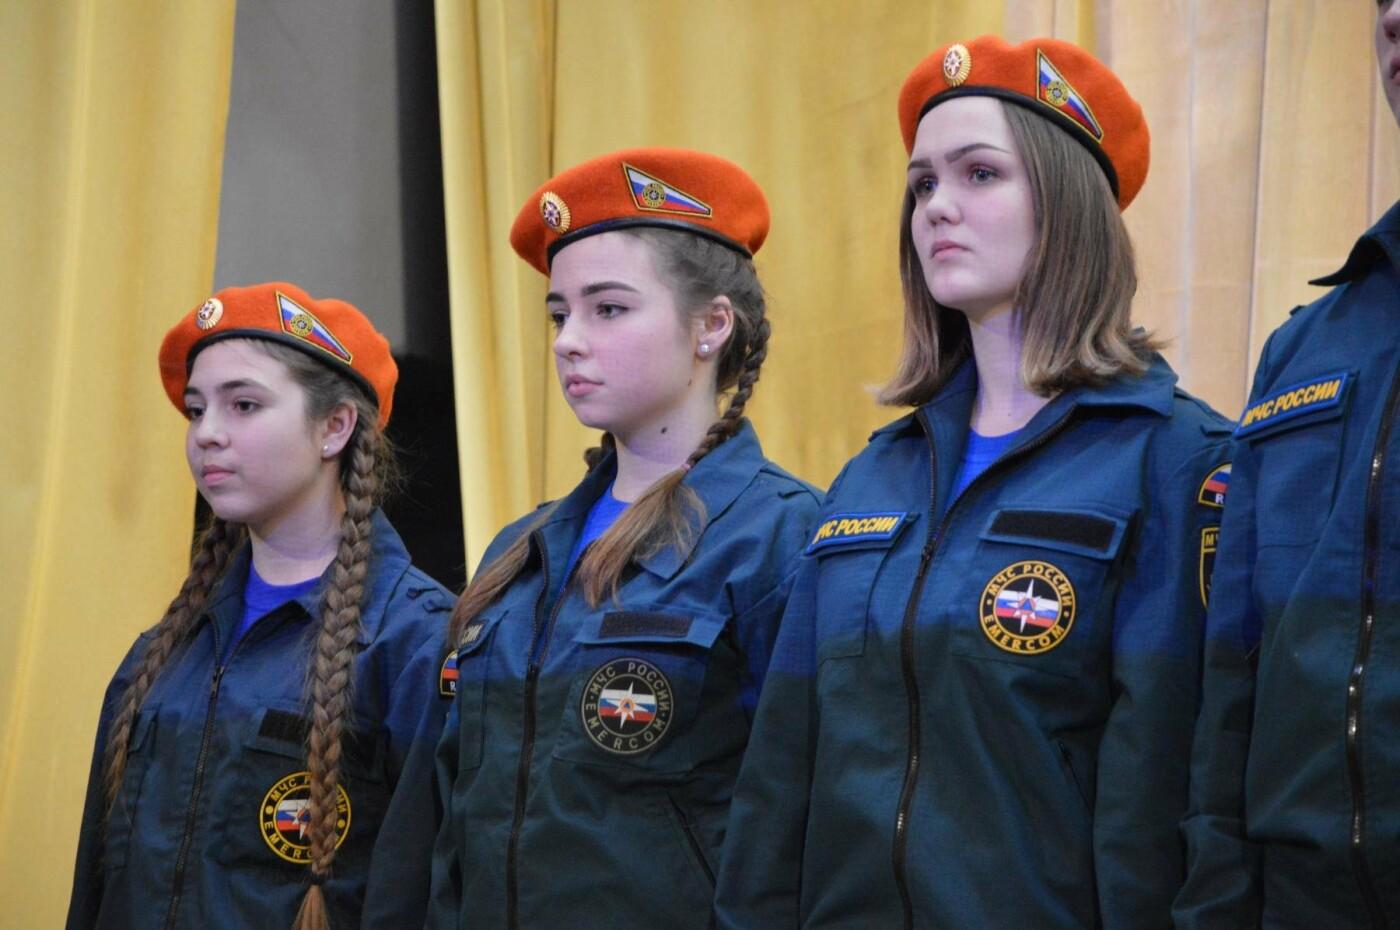 24 воспитанника Кореизской школы стали кадетами МЧС России, фото-3